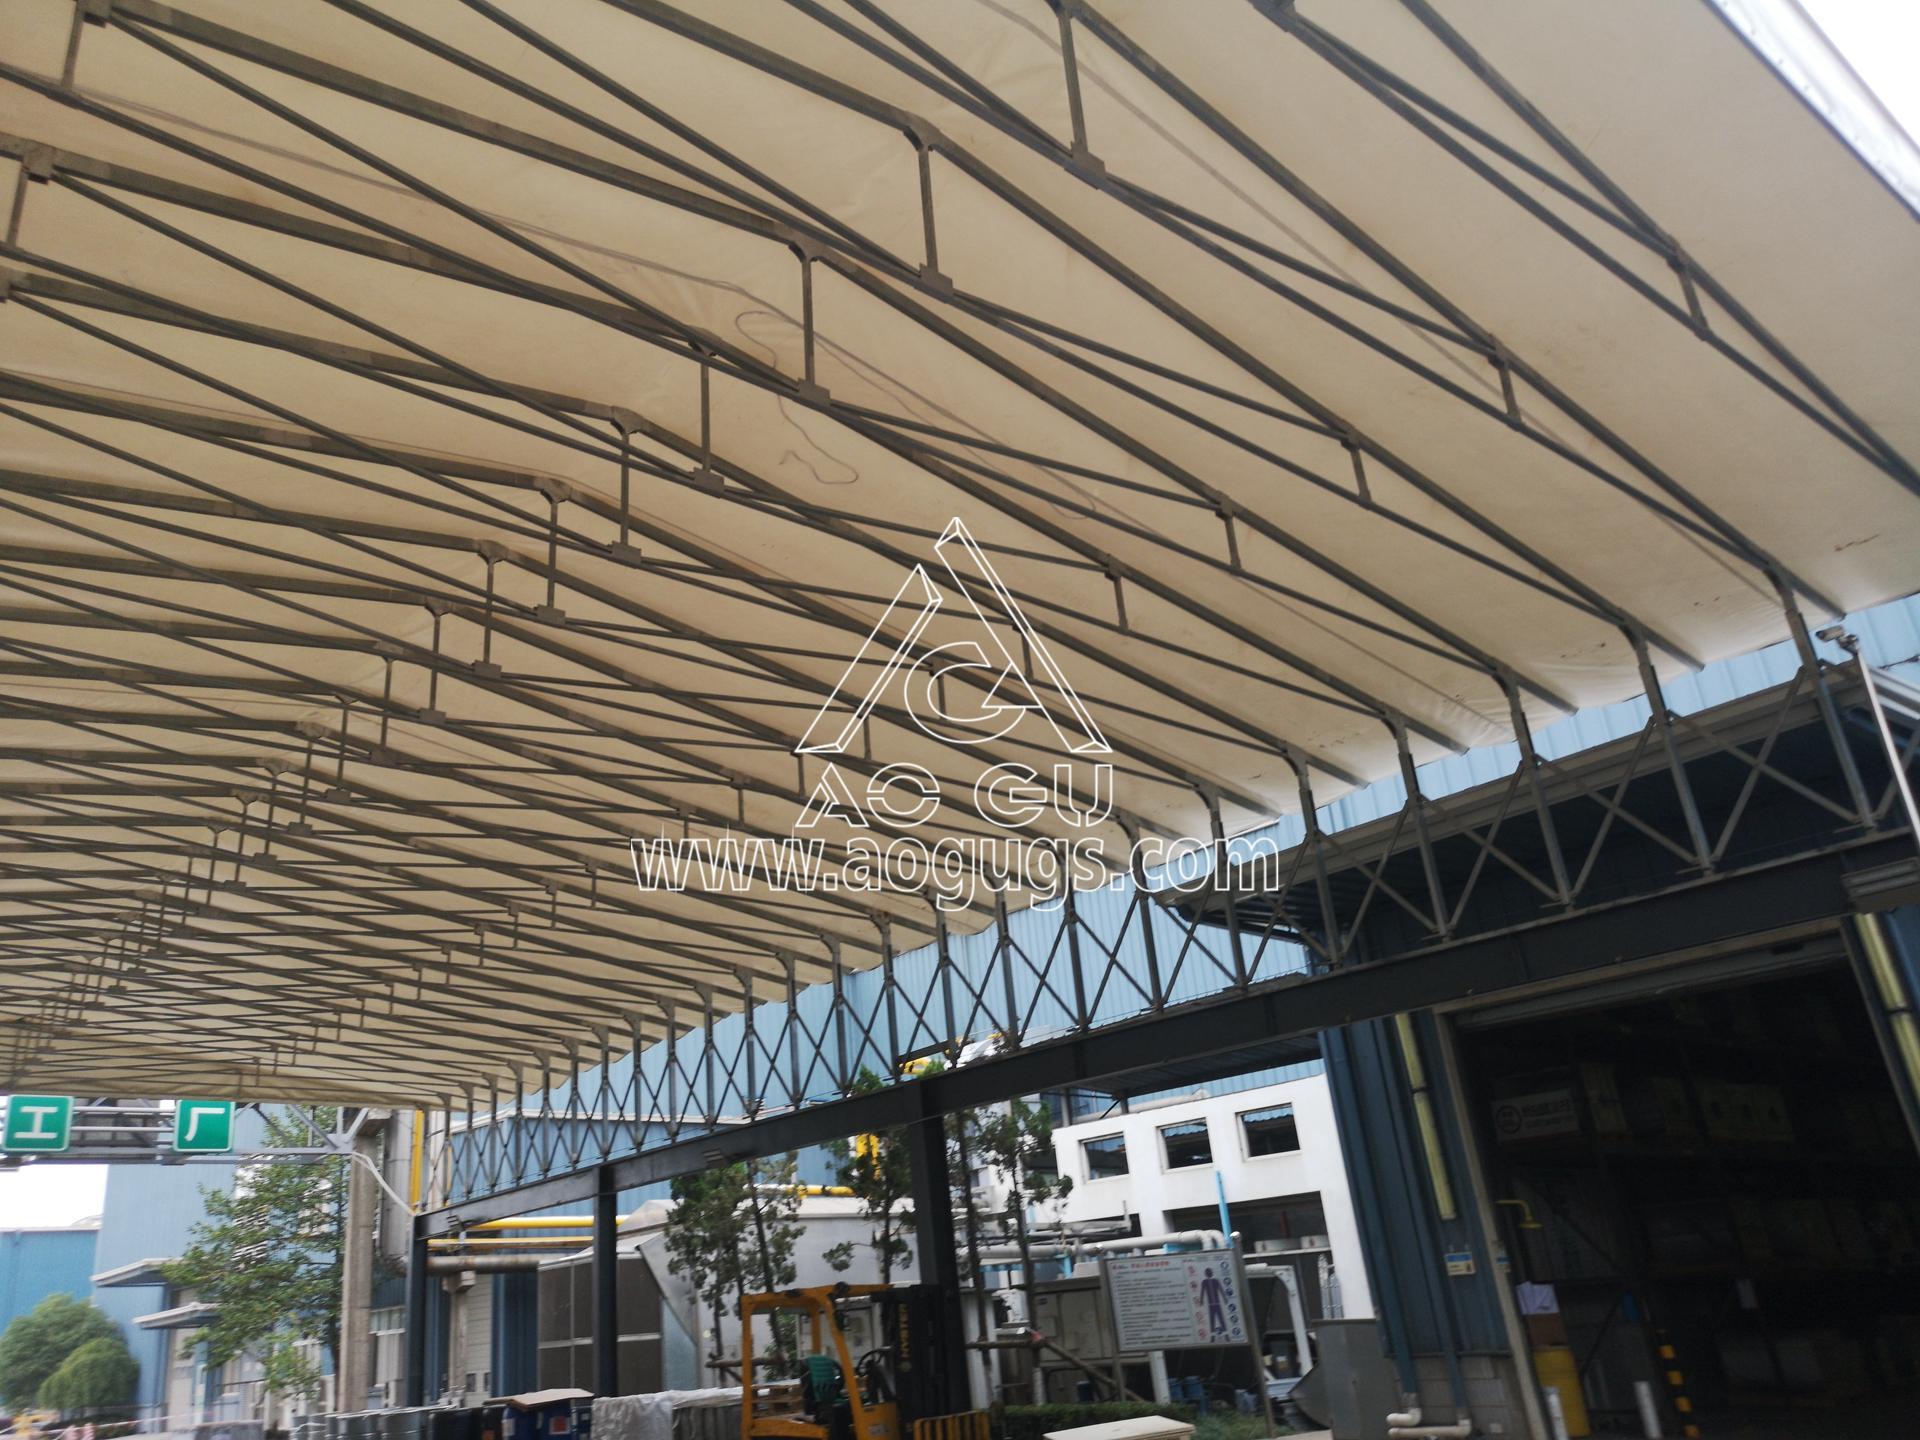 装货区 卸货区伸缩开合式篷房 艾利中国昆山公司 产品演示图3